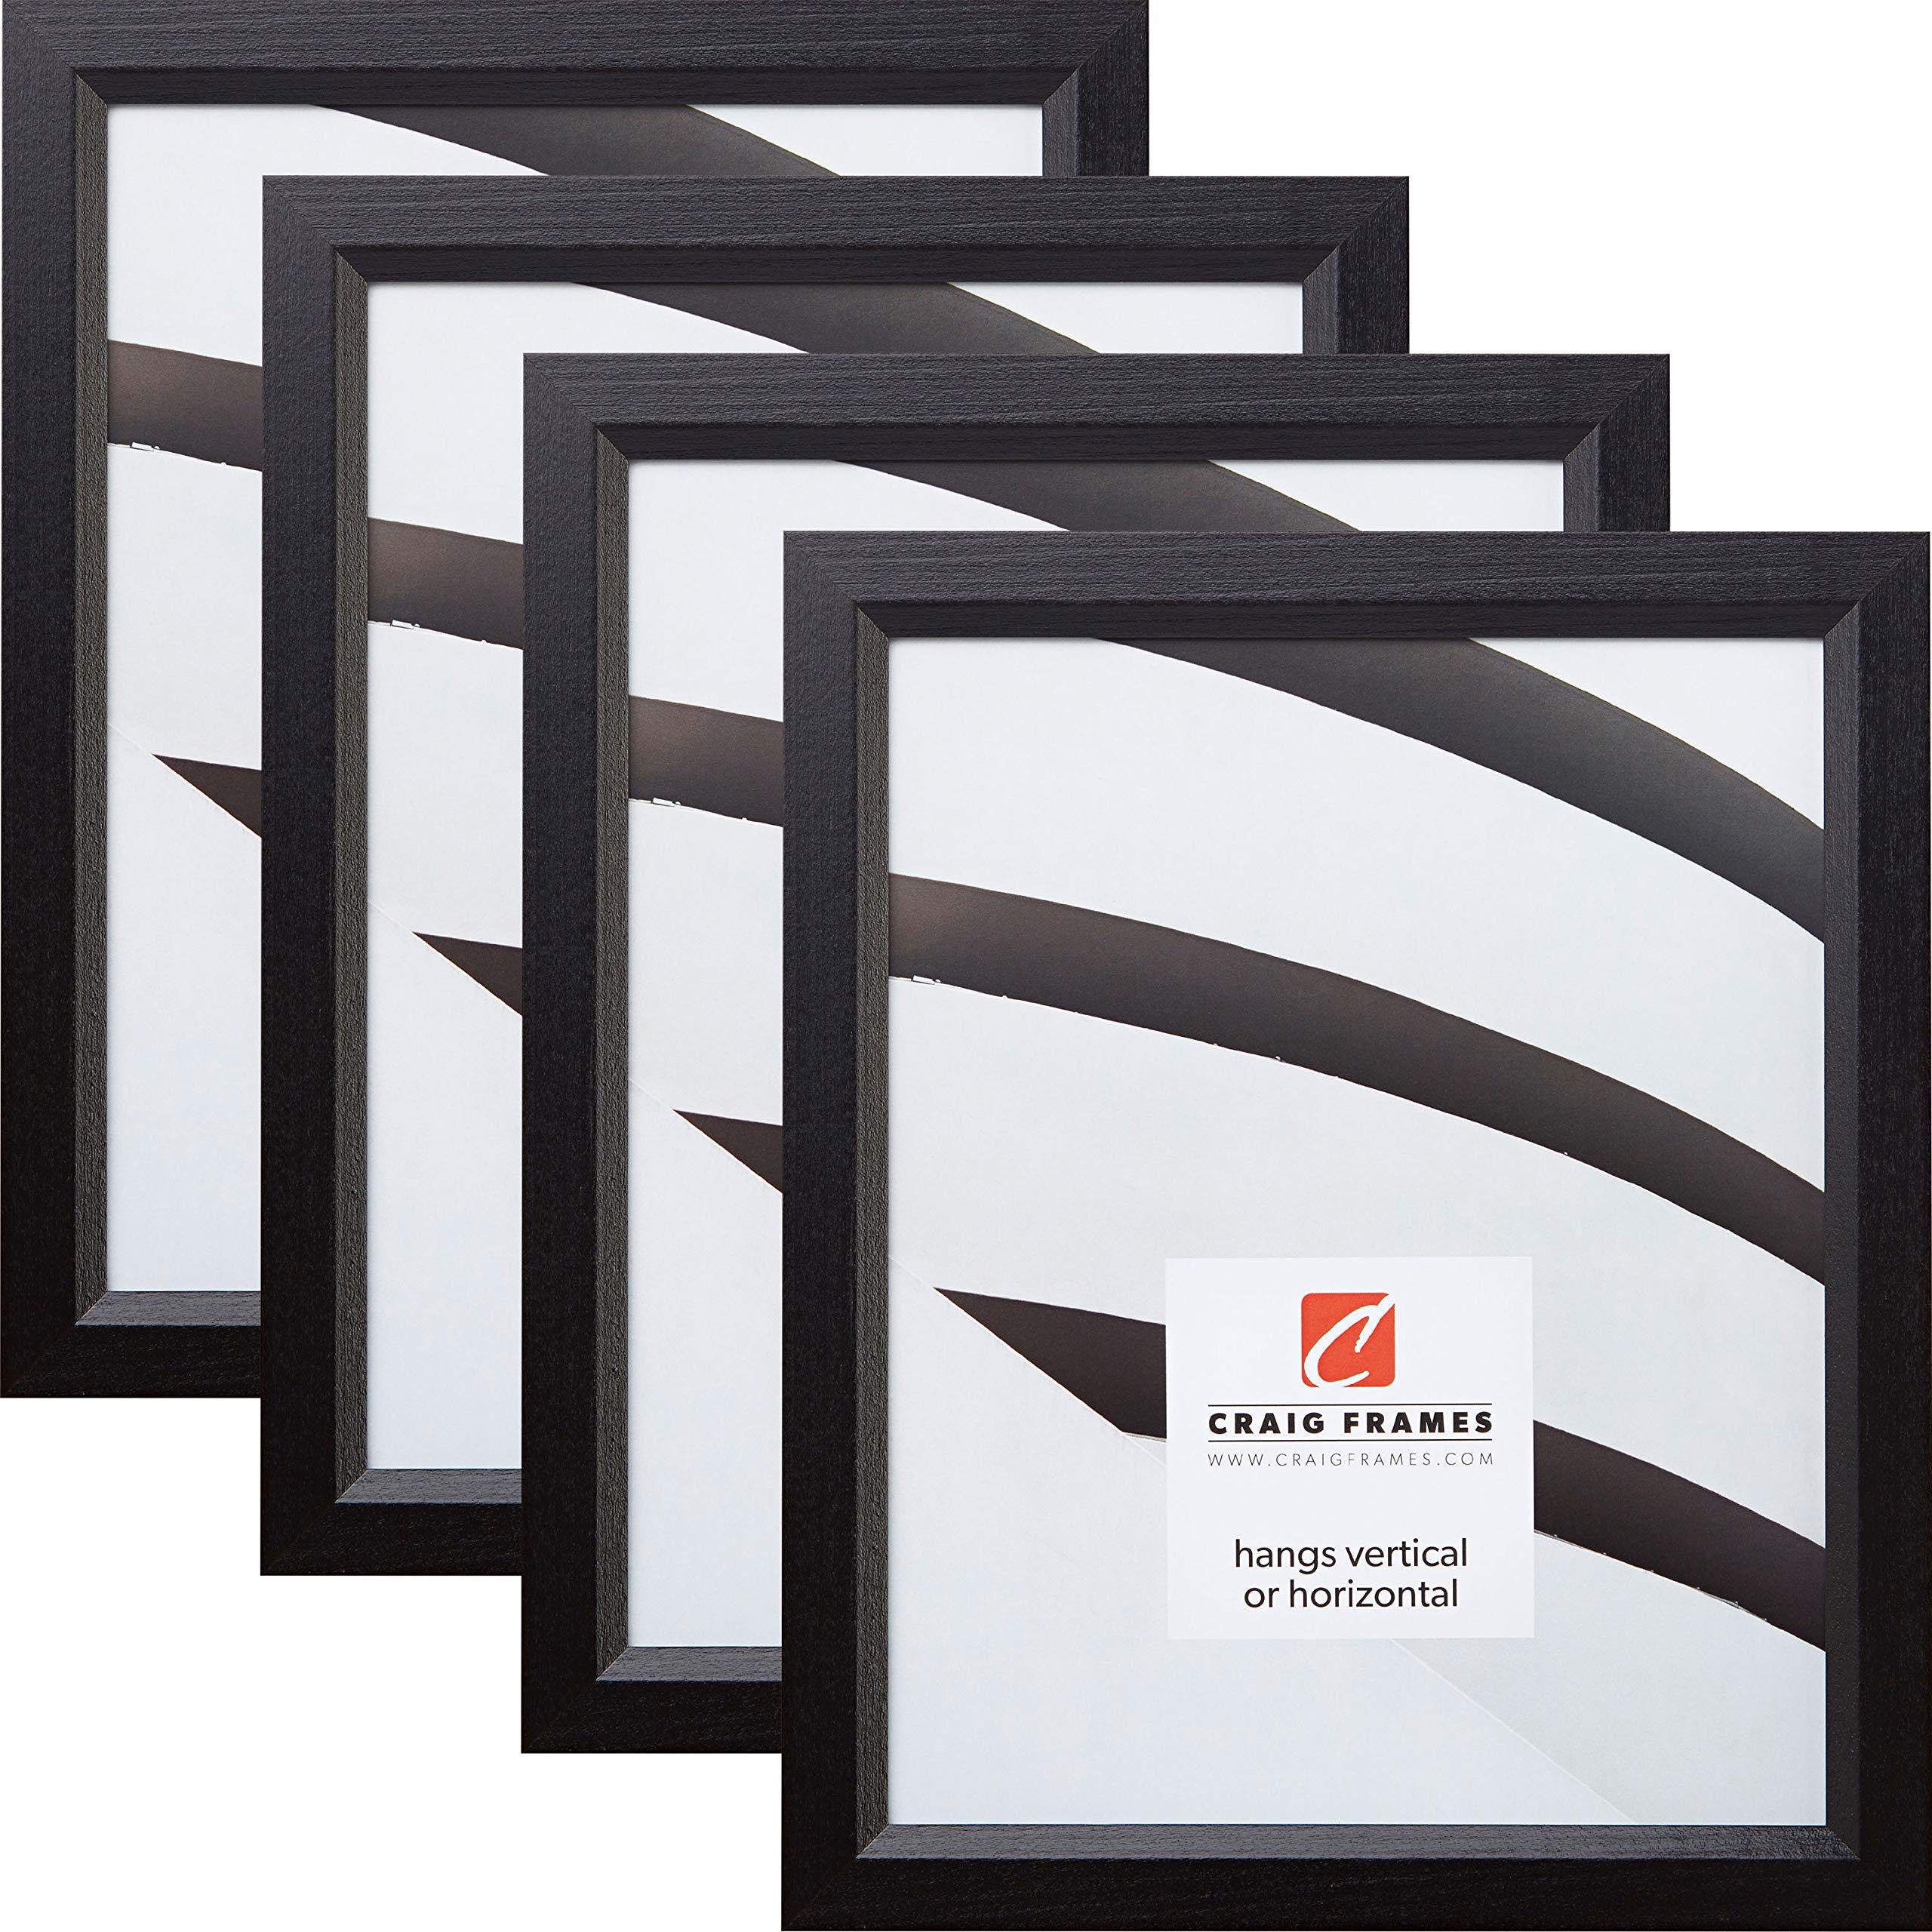 Craig Frames 7171610BK 24 x 36 Inch Picture Frame, Black, Set of 4